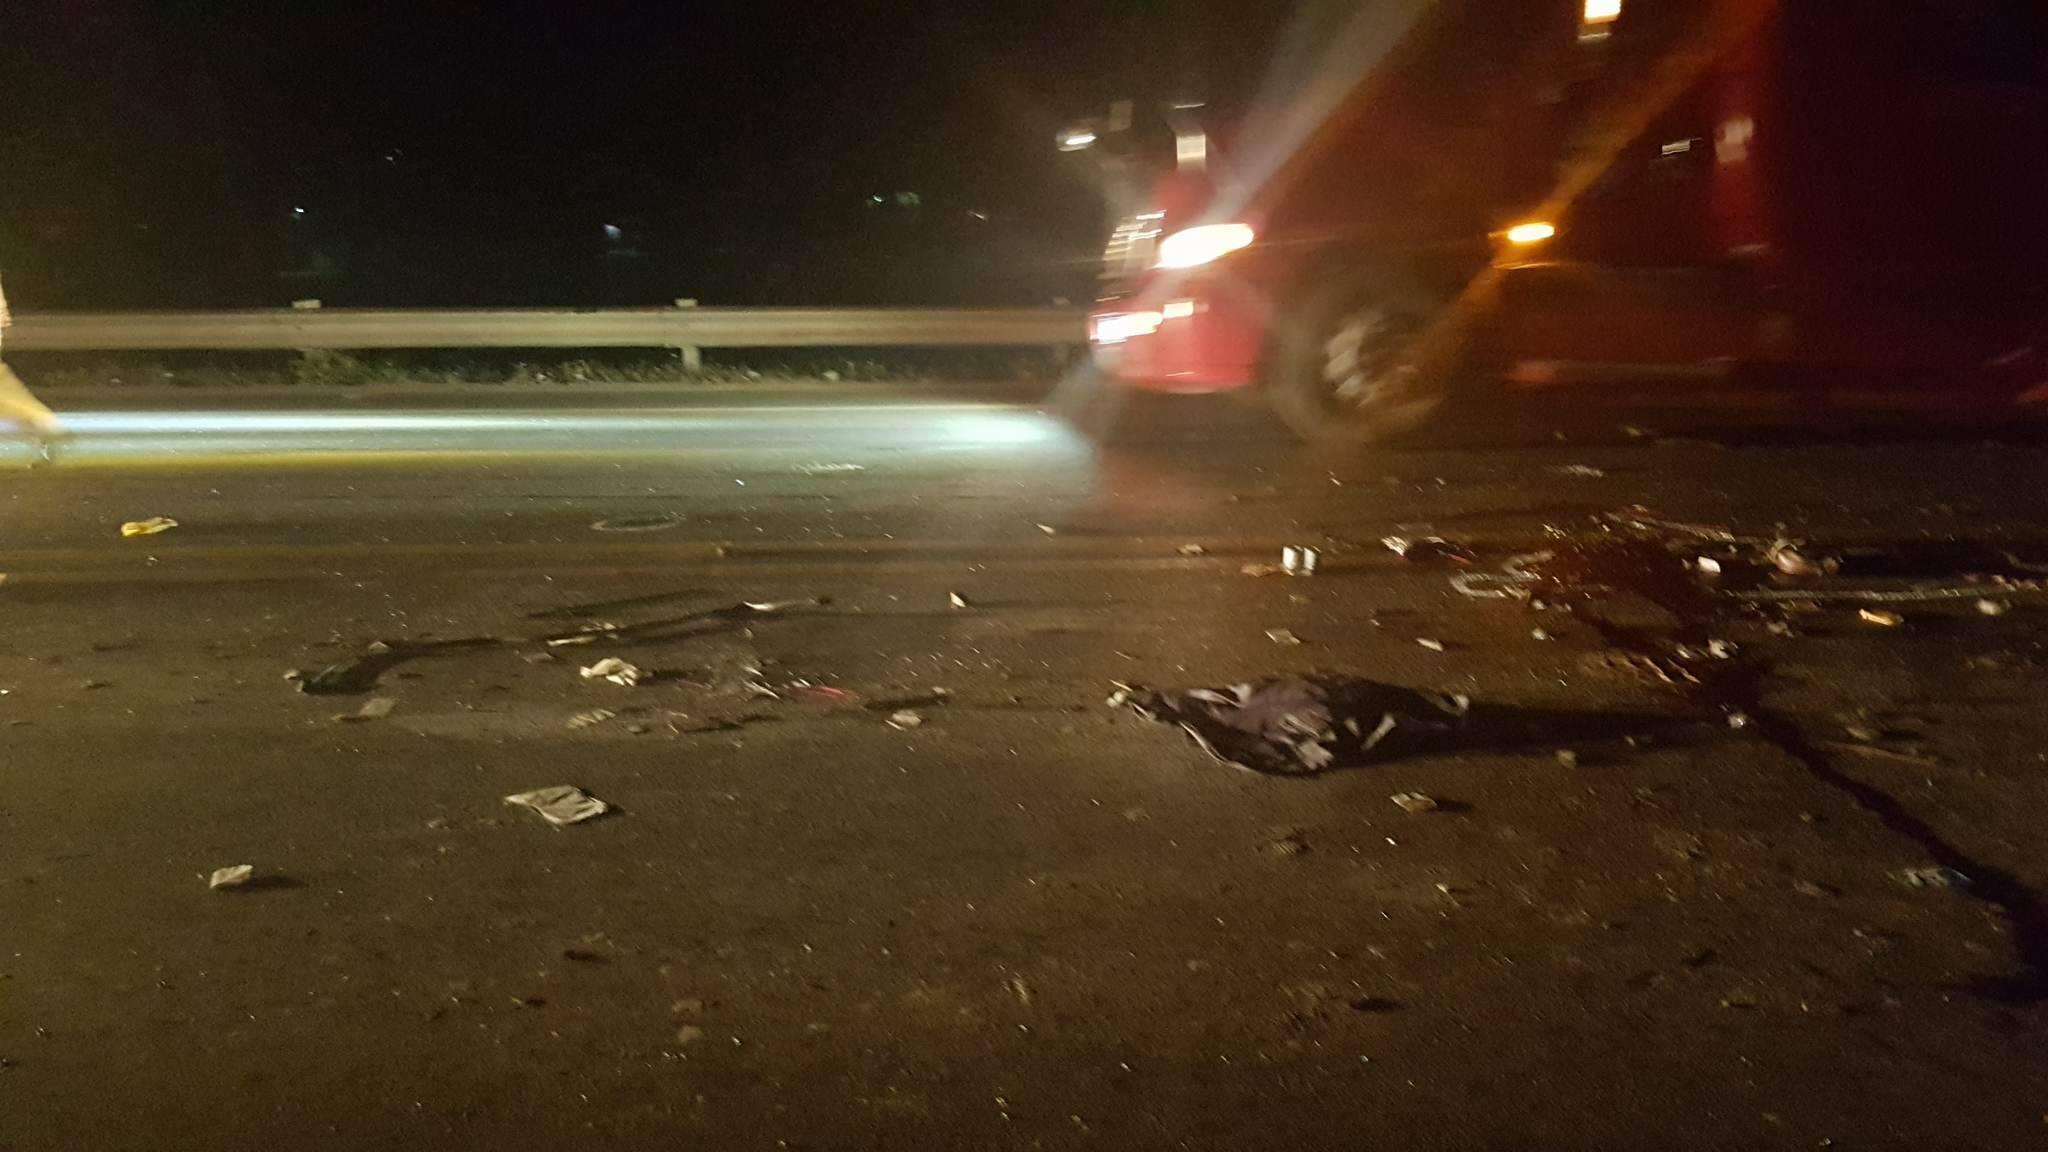 Khởi tố vụ nổ xe khách làm 2 người chết 16 người bị thương